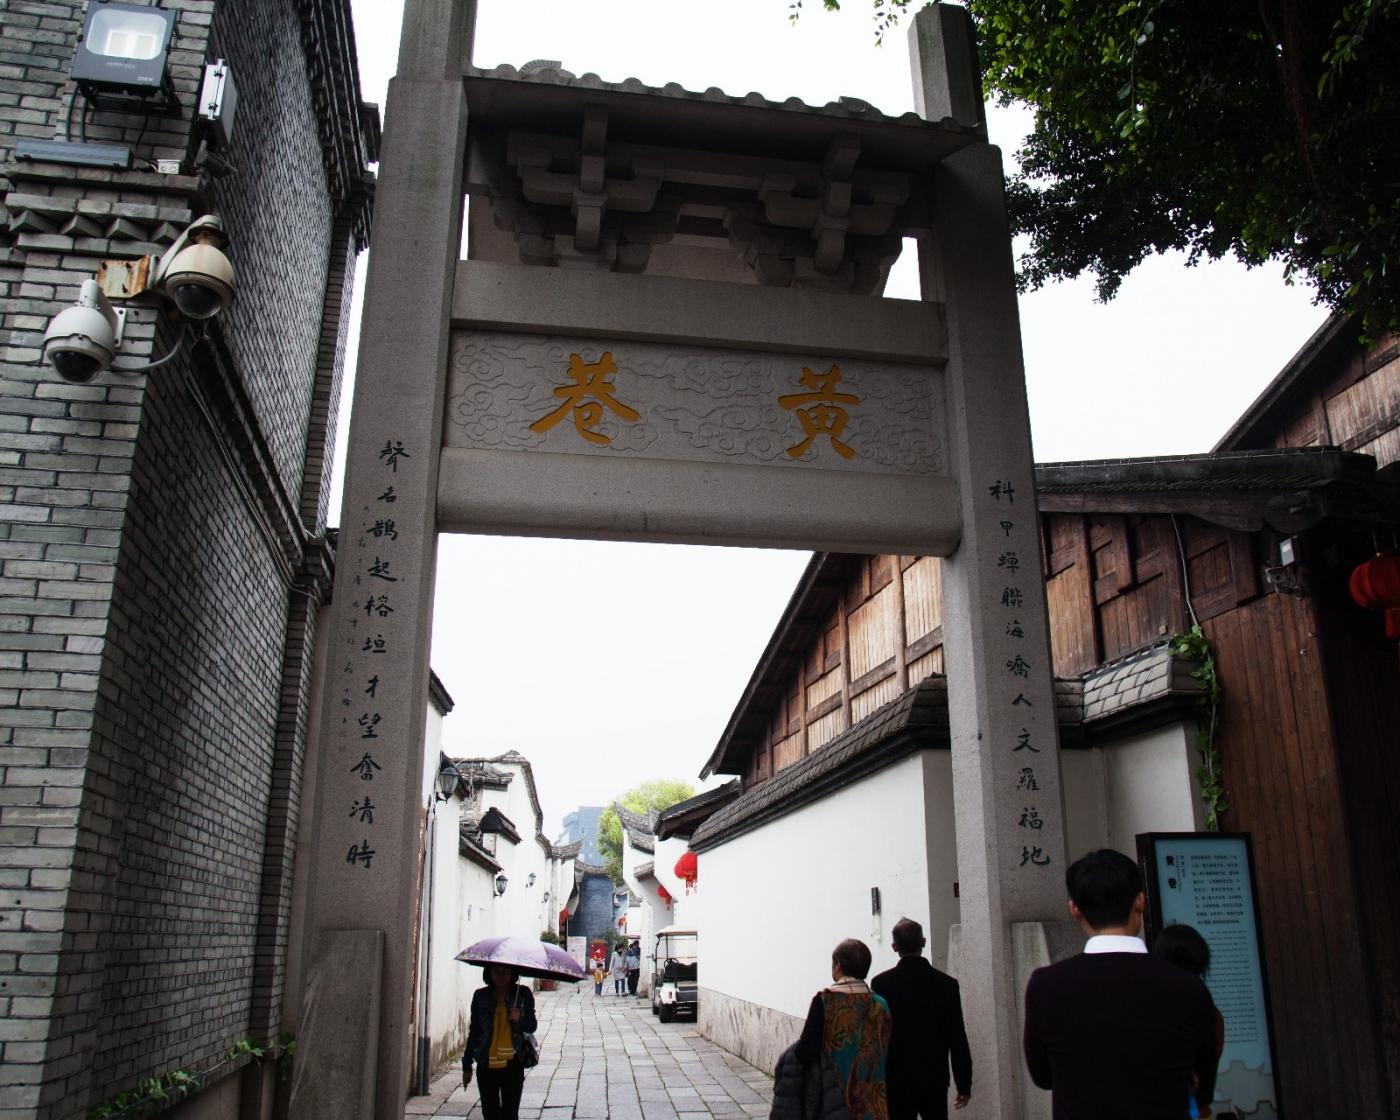 三坊七巷是福州市的旅游胜地_图1-6